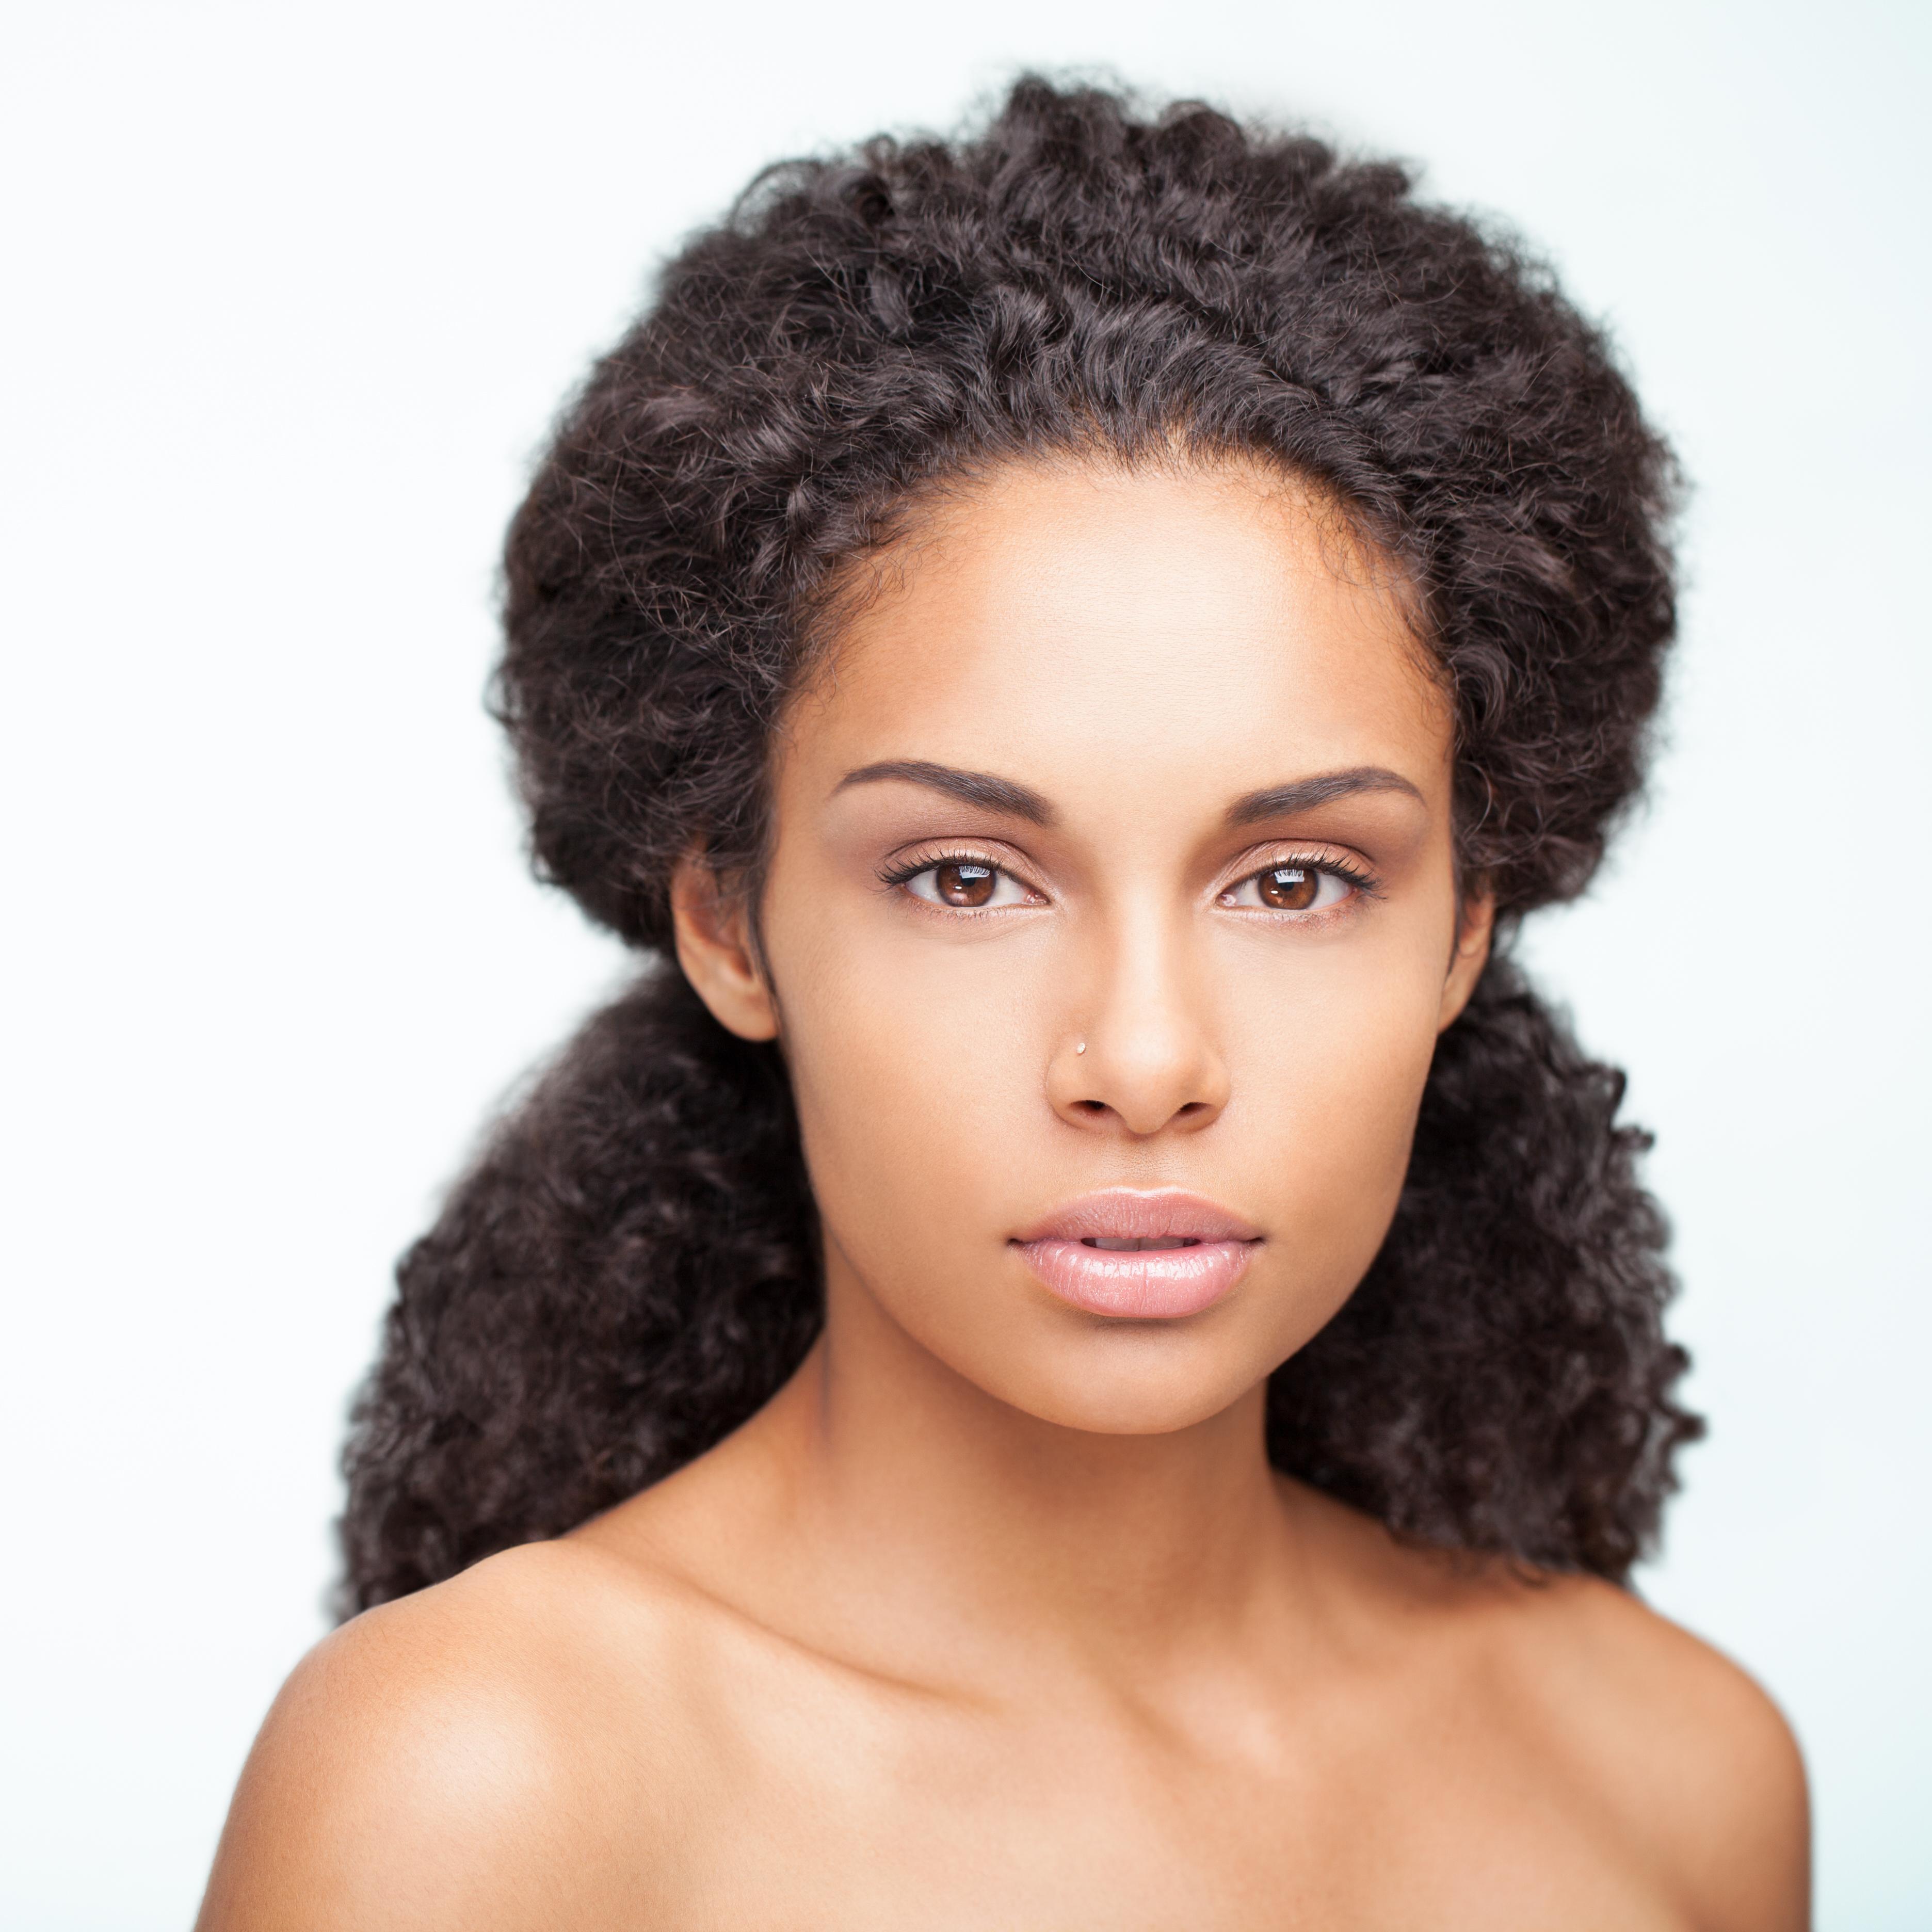 Ebook Segredo para pele jovem e radiante